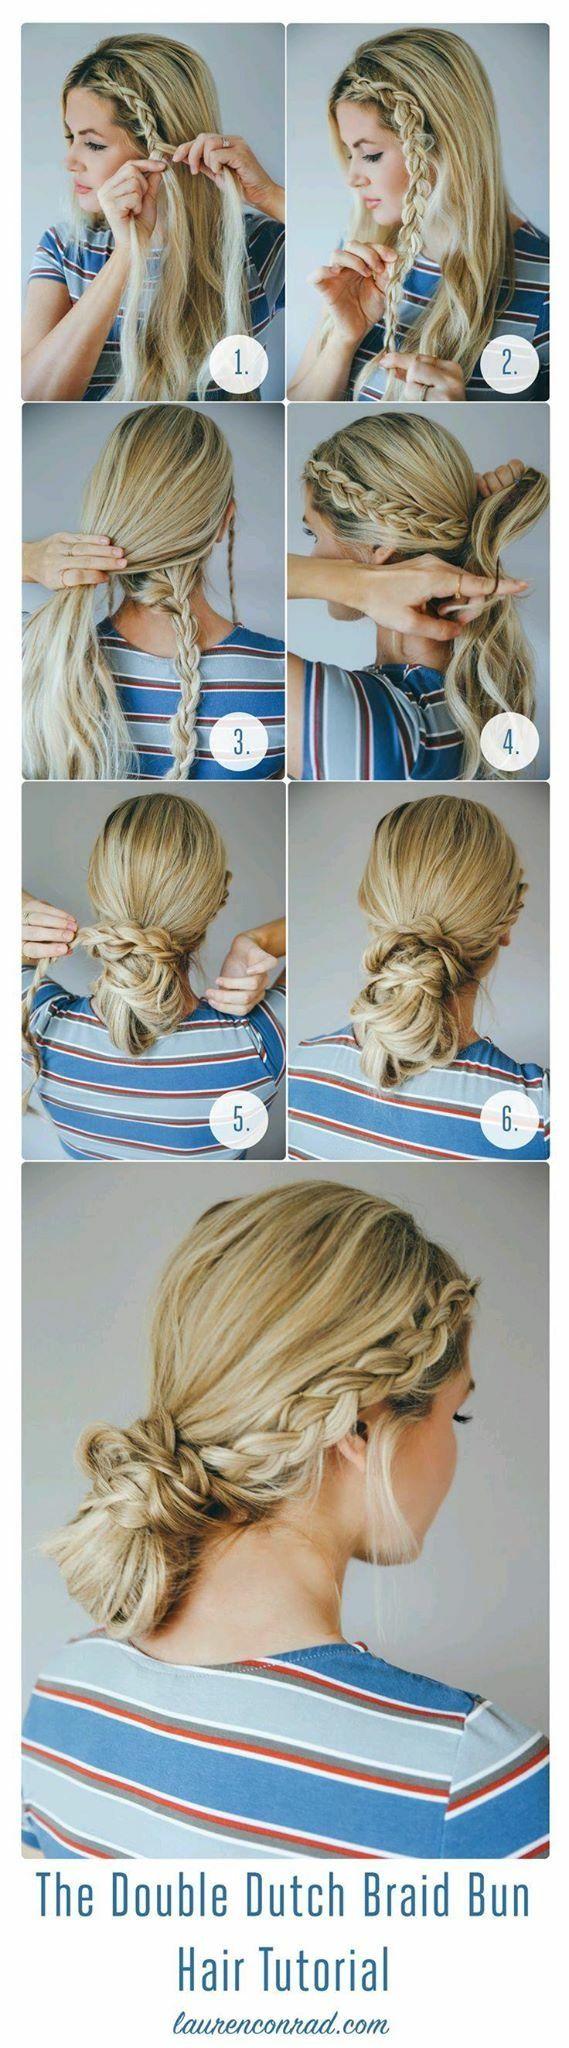 Double dutch braid bun cute braids easy hairstyles quick updo